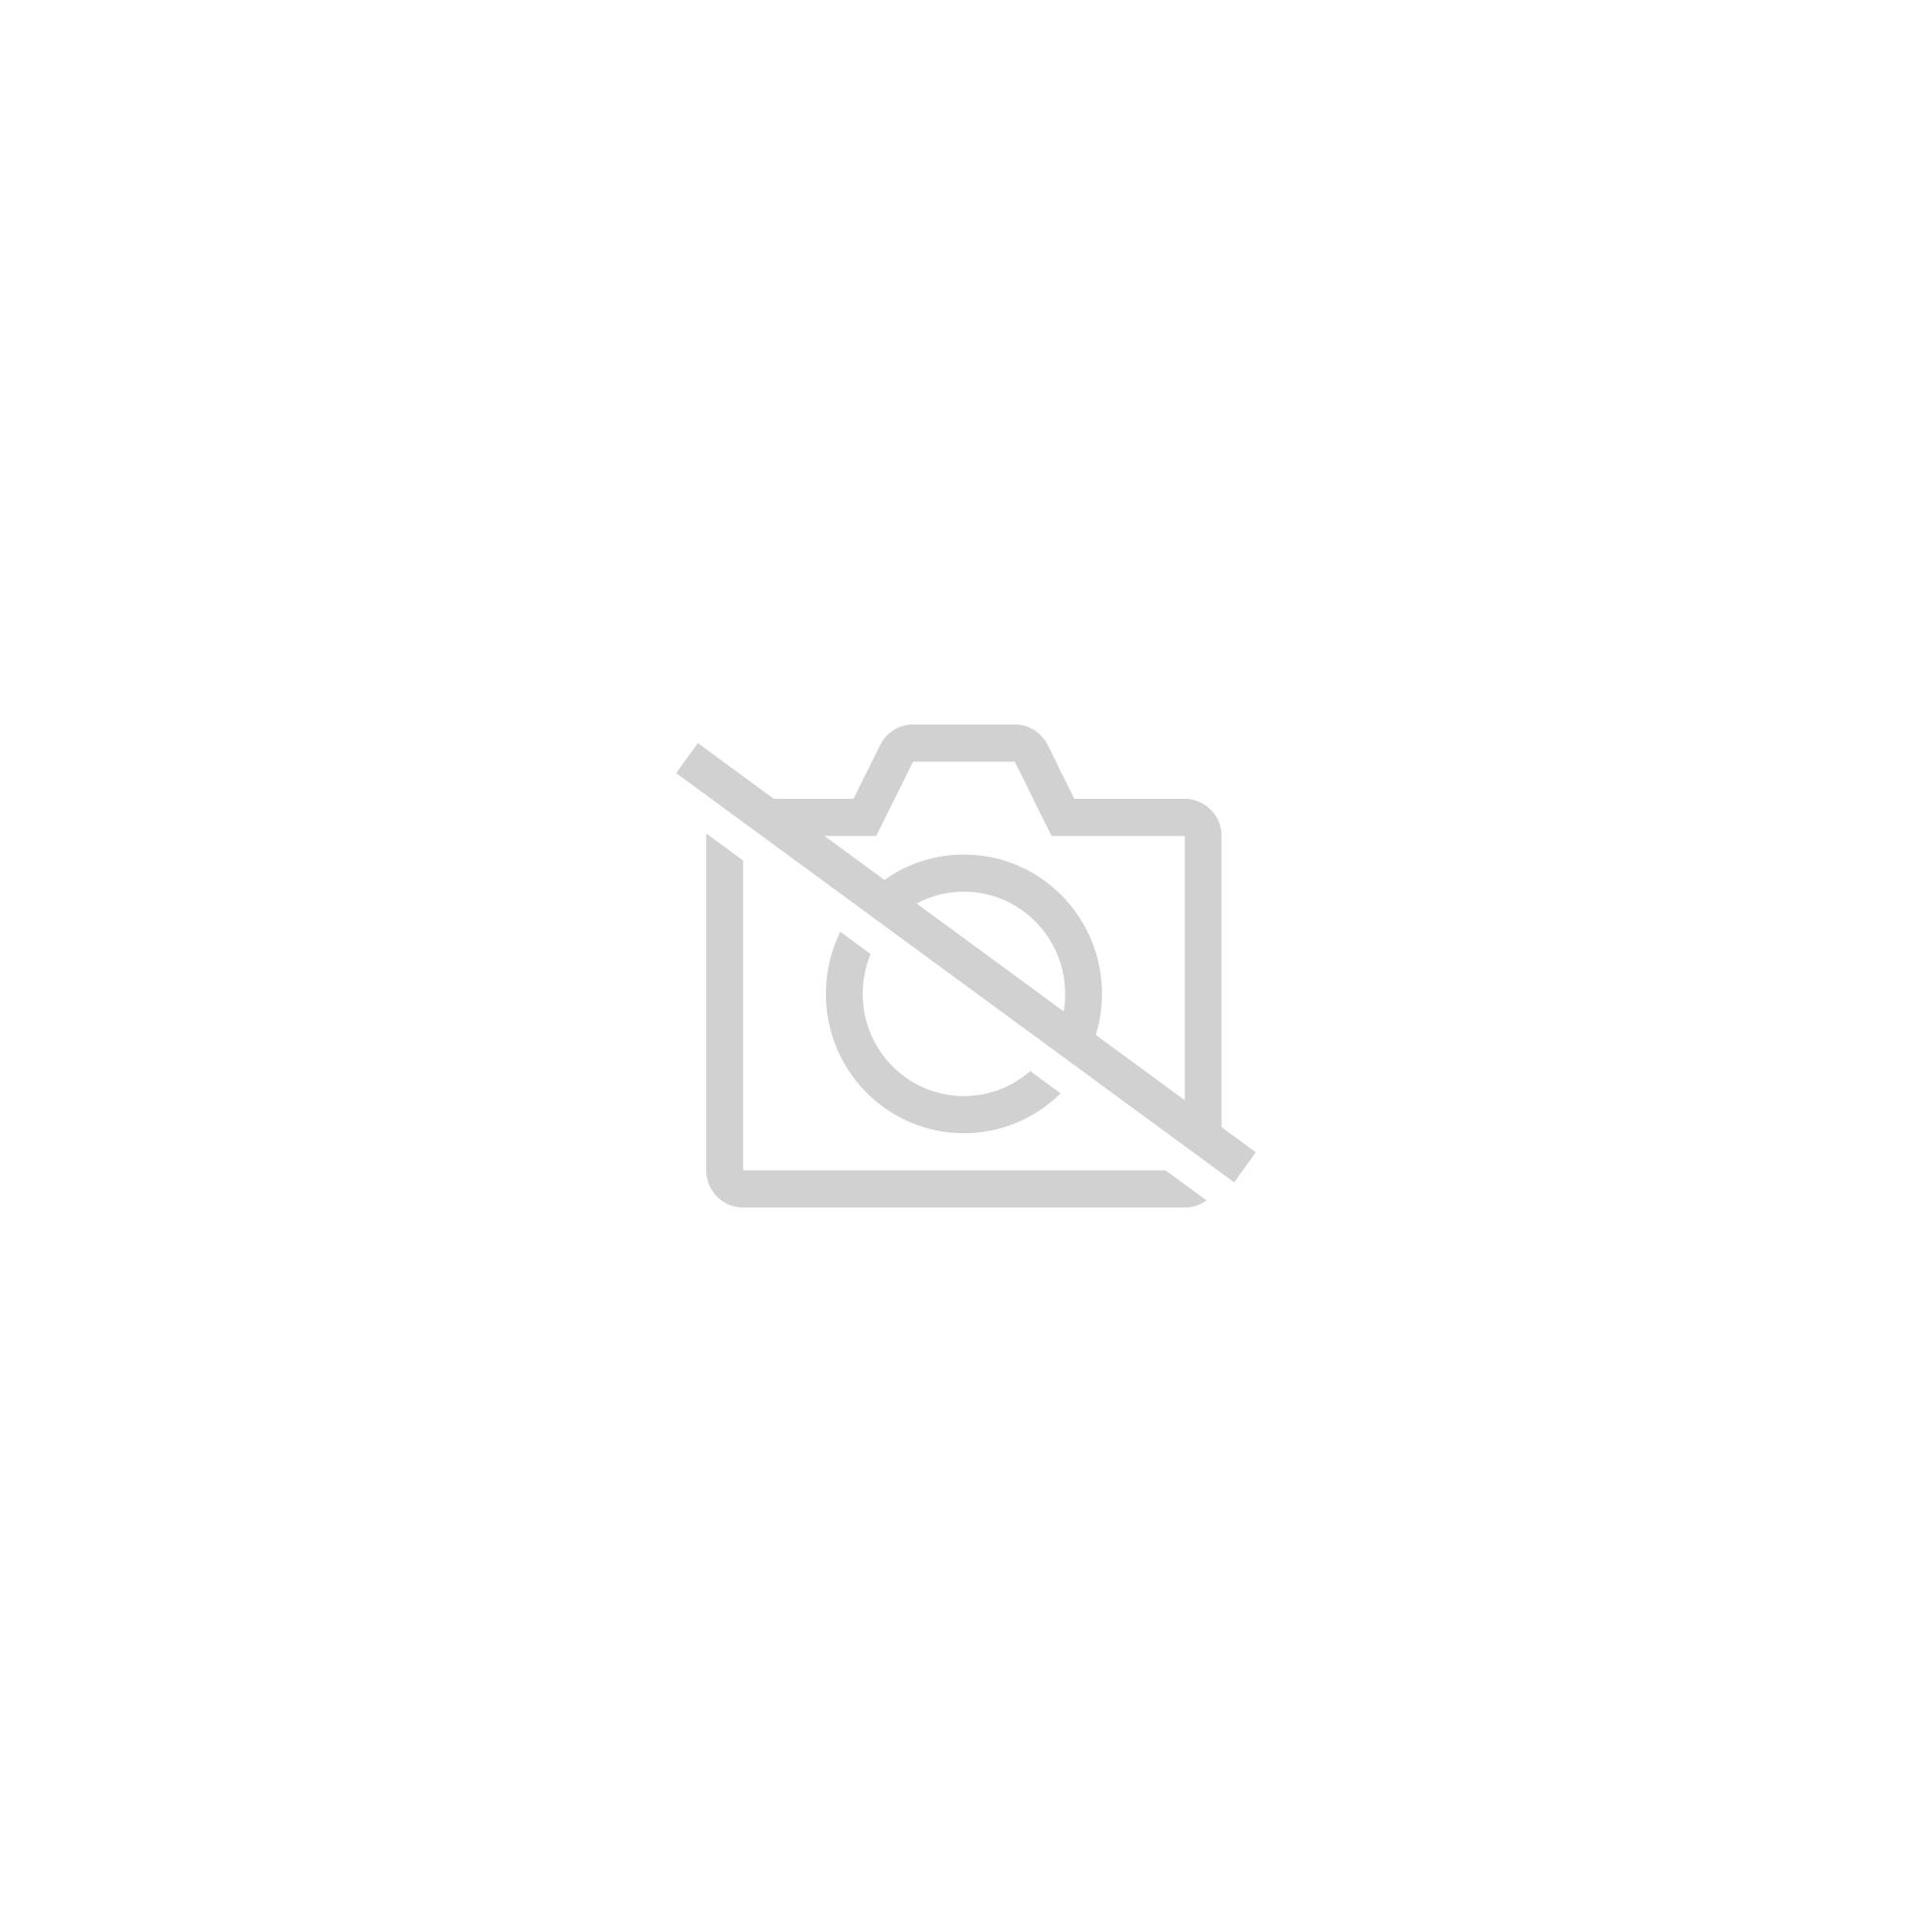 PGI 9GY Réservoir d'encre 1 x gris chiné 1 x gris chiné